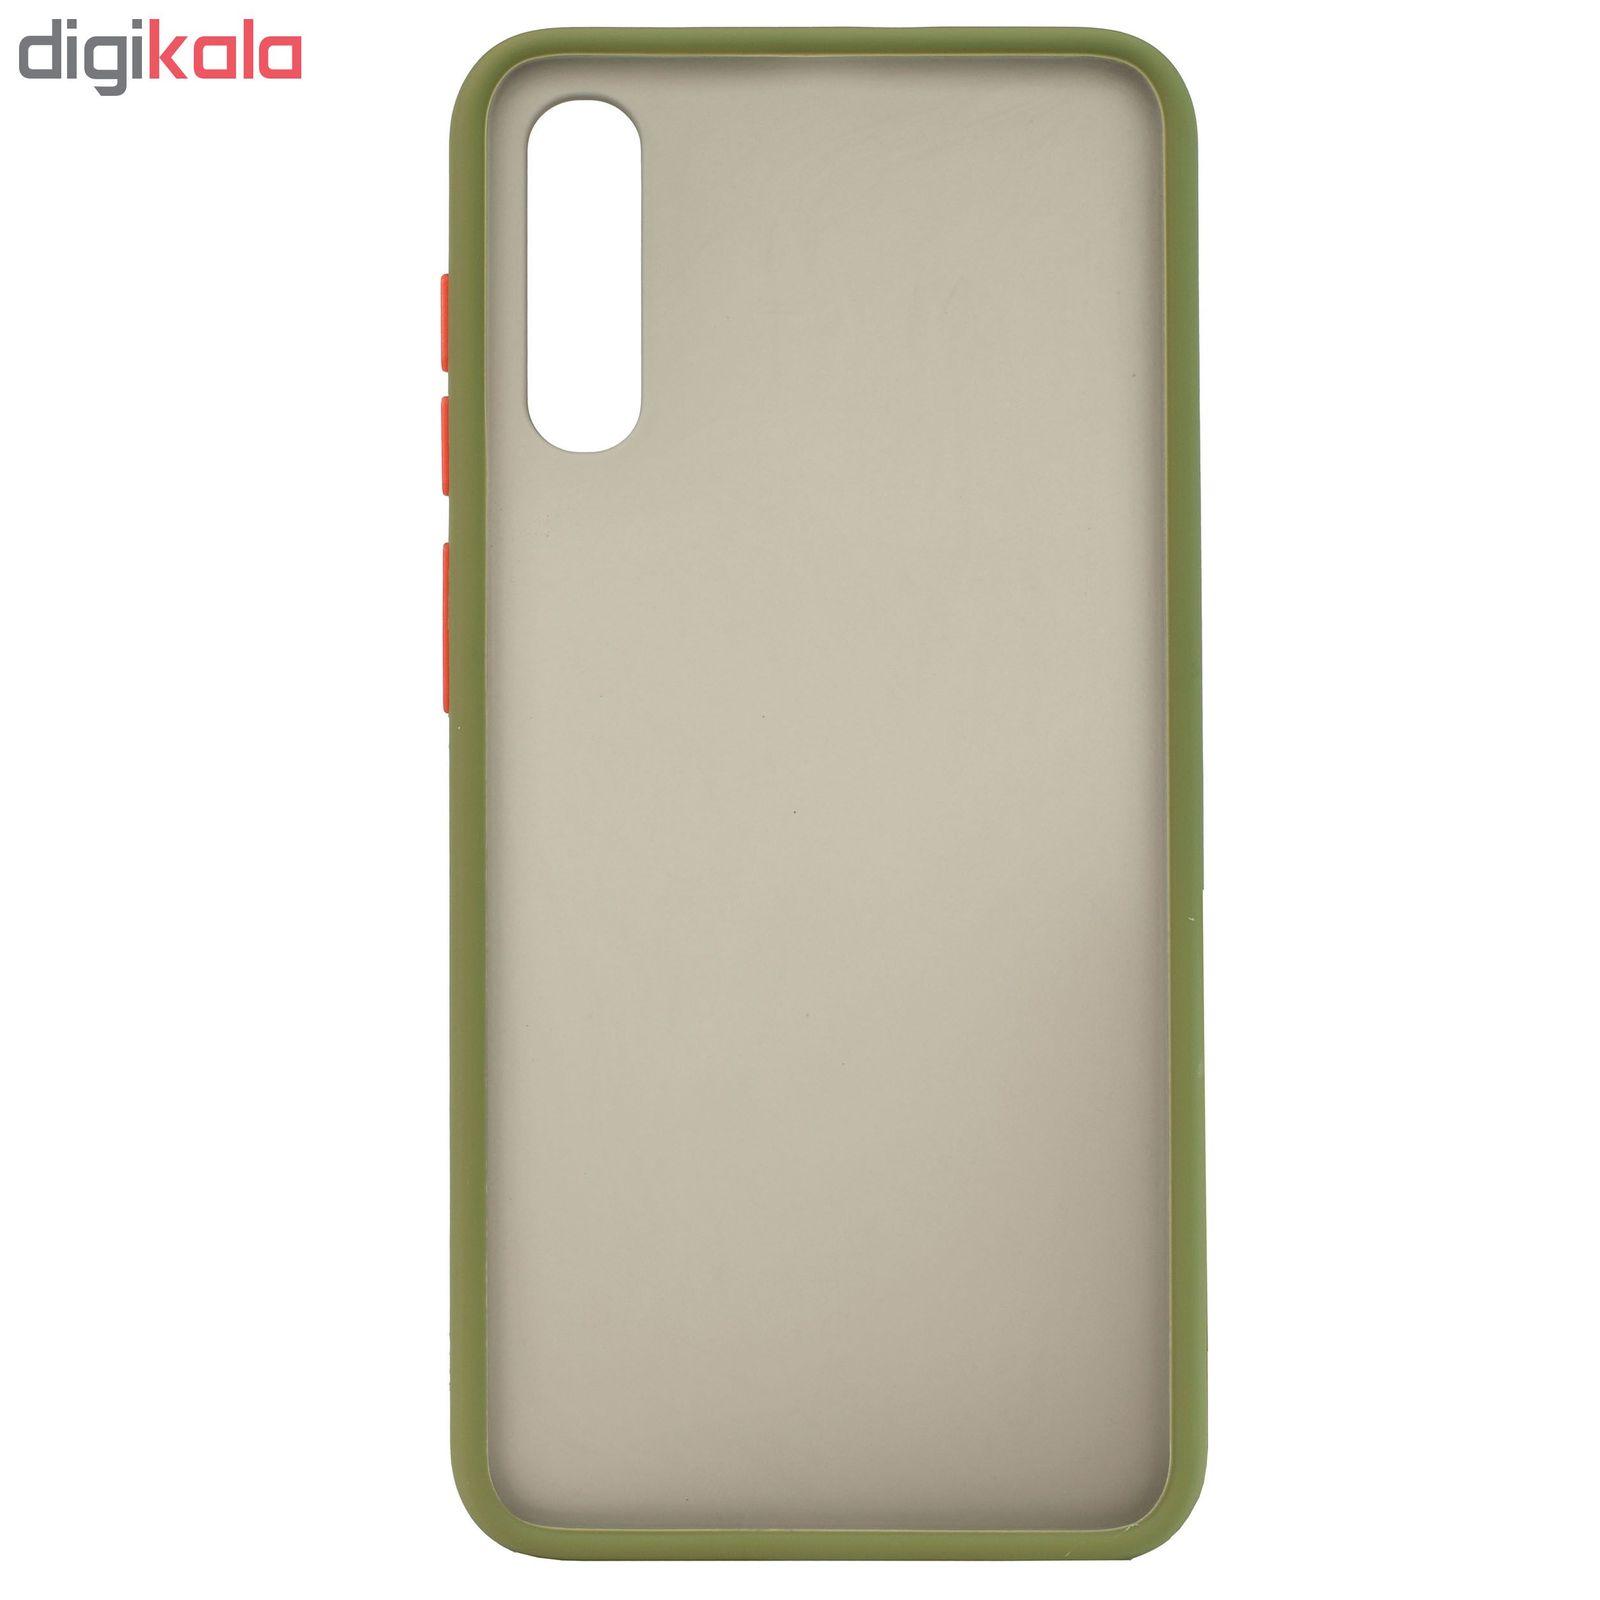 کاور مدل Slico01 مناسب برای گوشی موبایل سامسونگ Galaxy A50 main 1 11